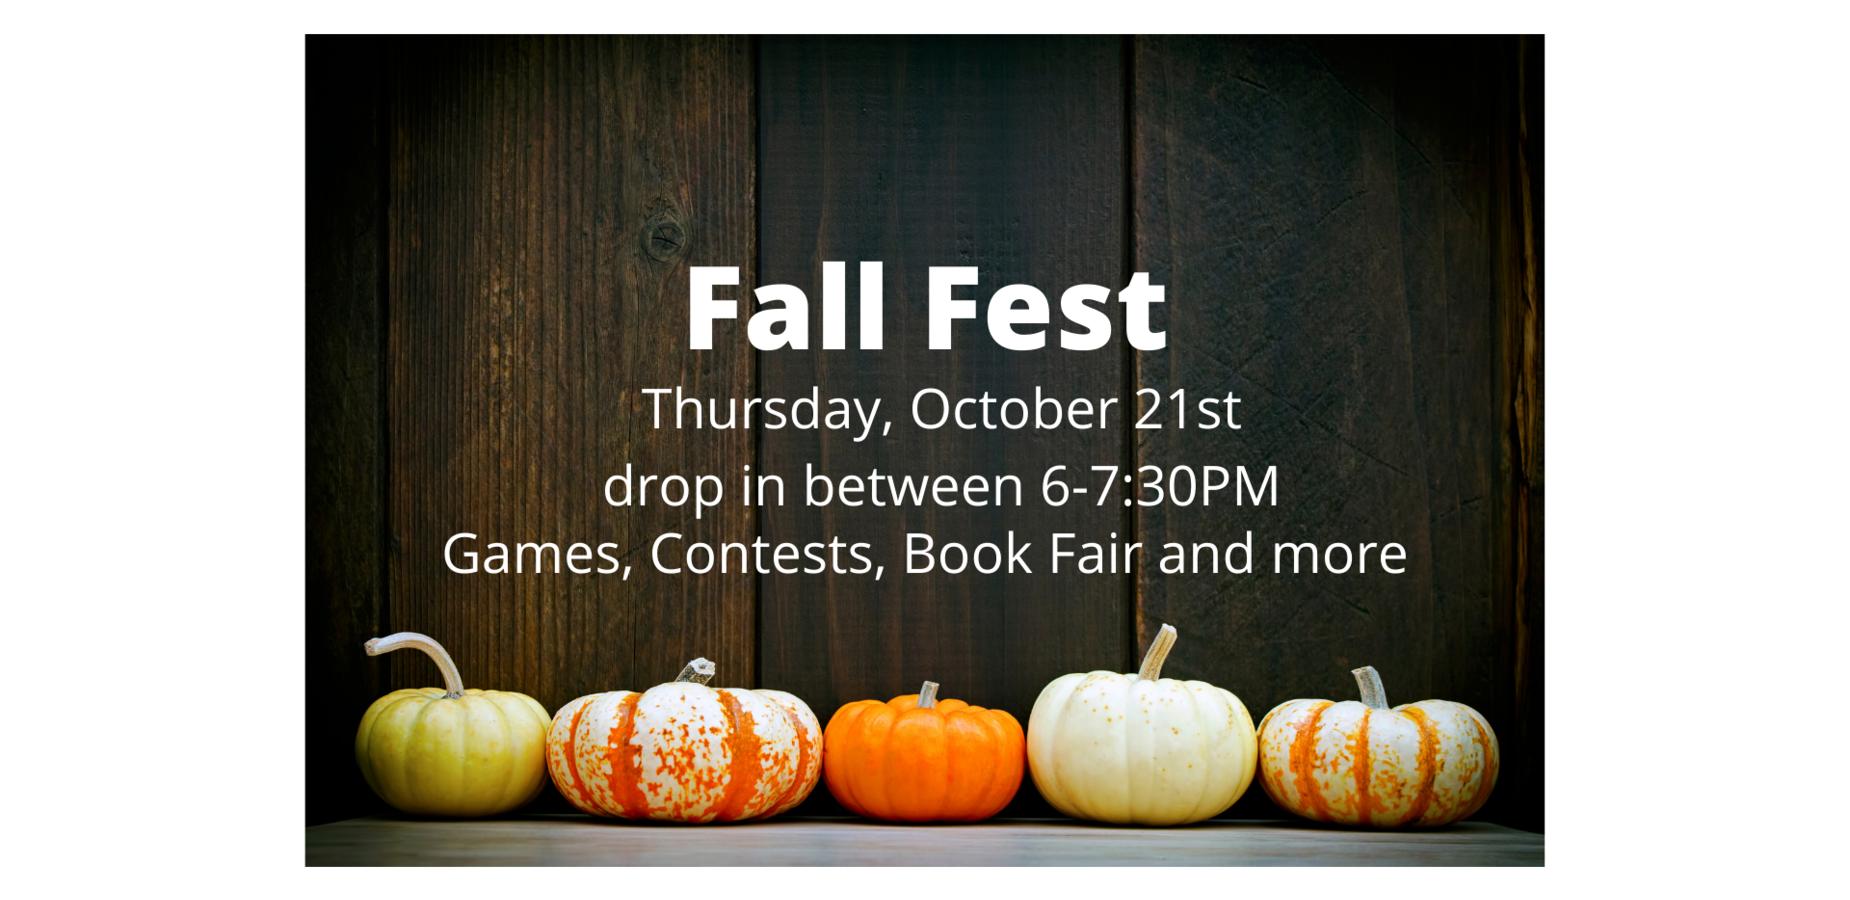 Fall Fest October 21